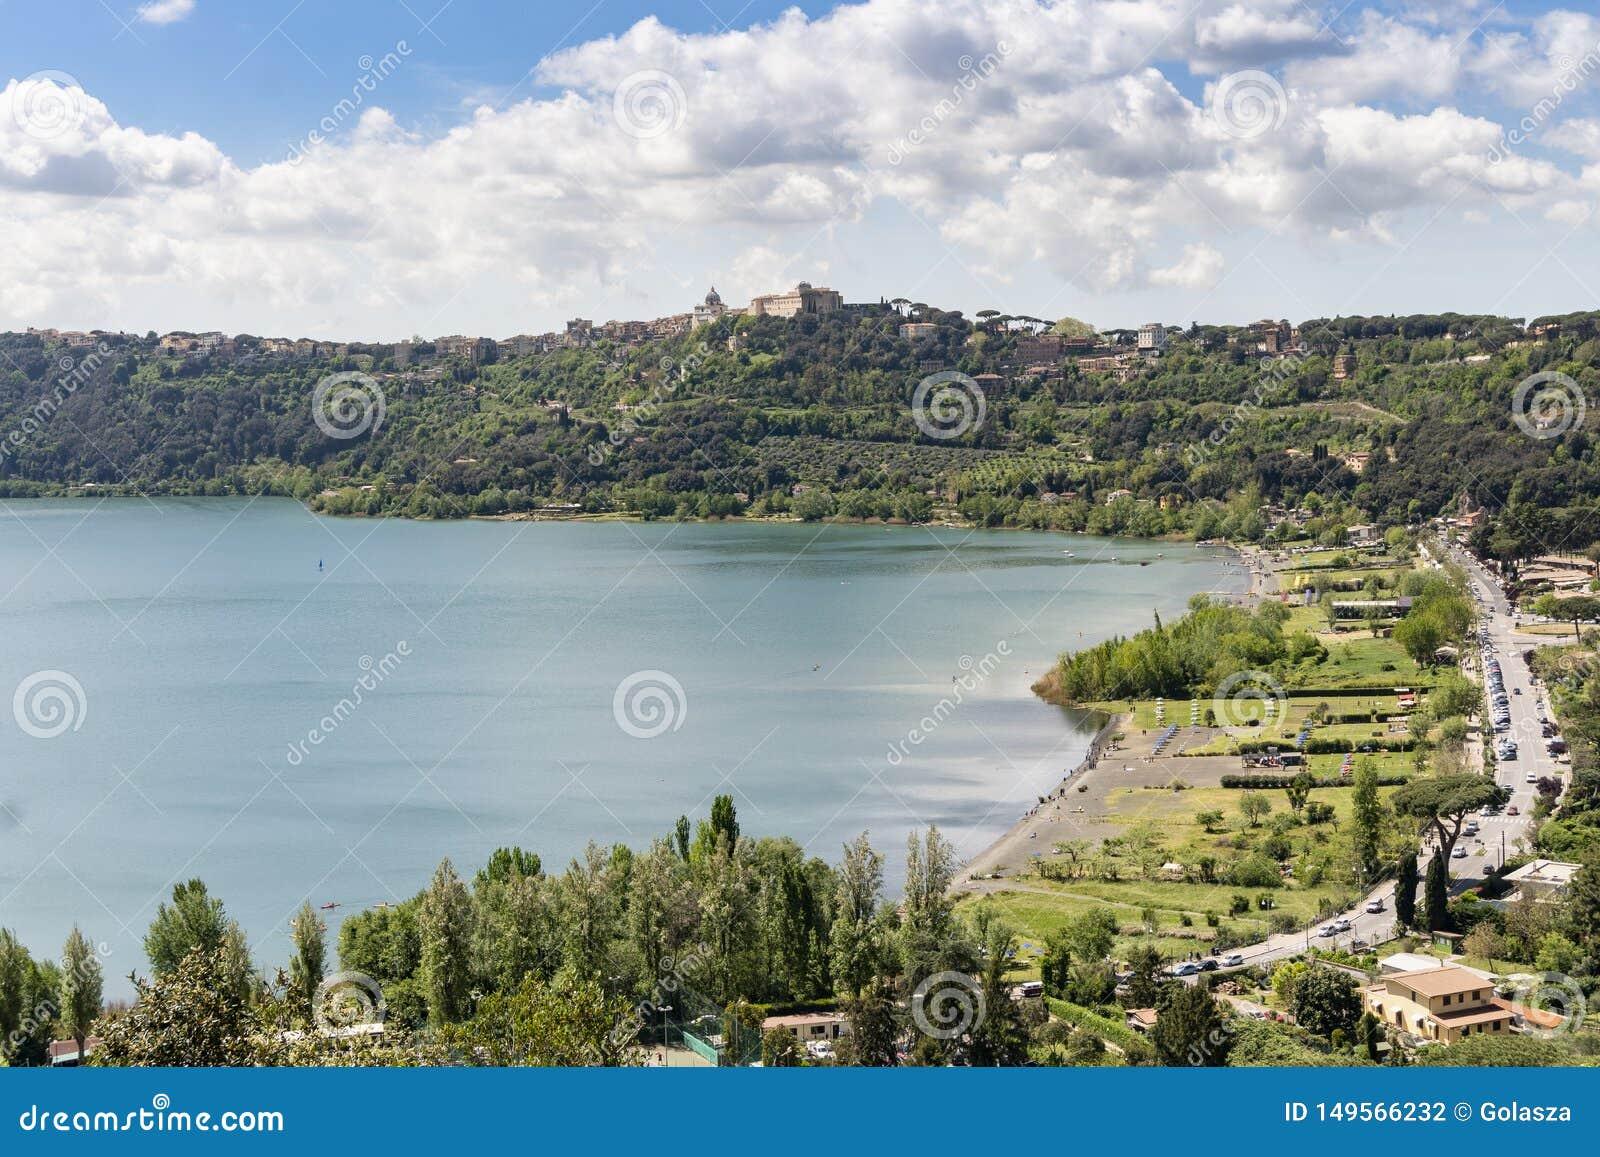 Ville de Castel Gandolfo situ?e pr?s du lac Albano, Latium, Italie